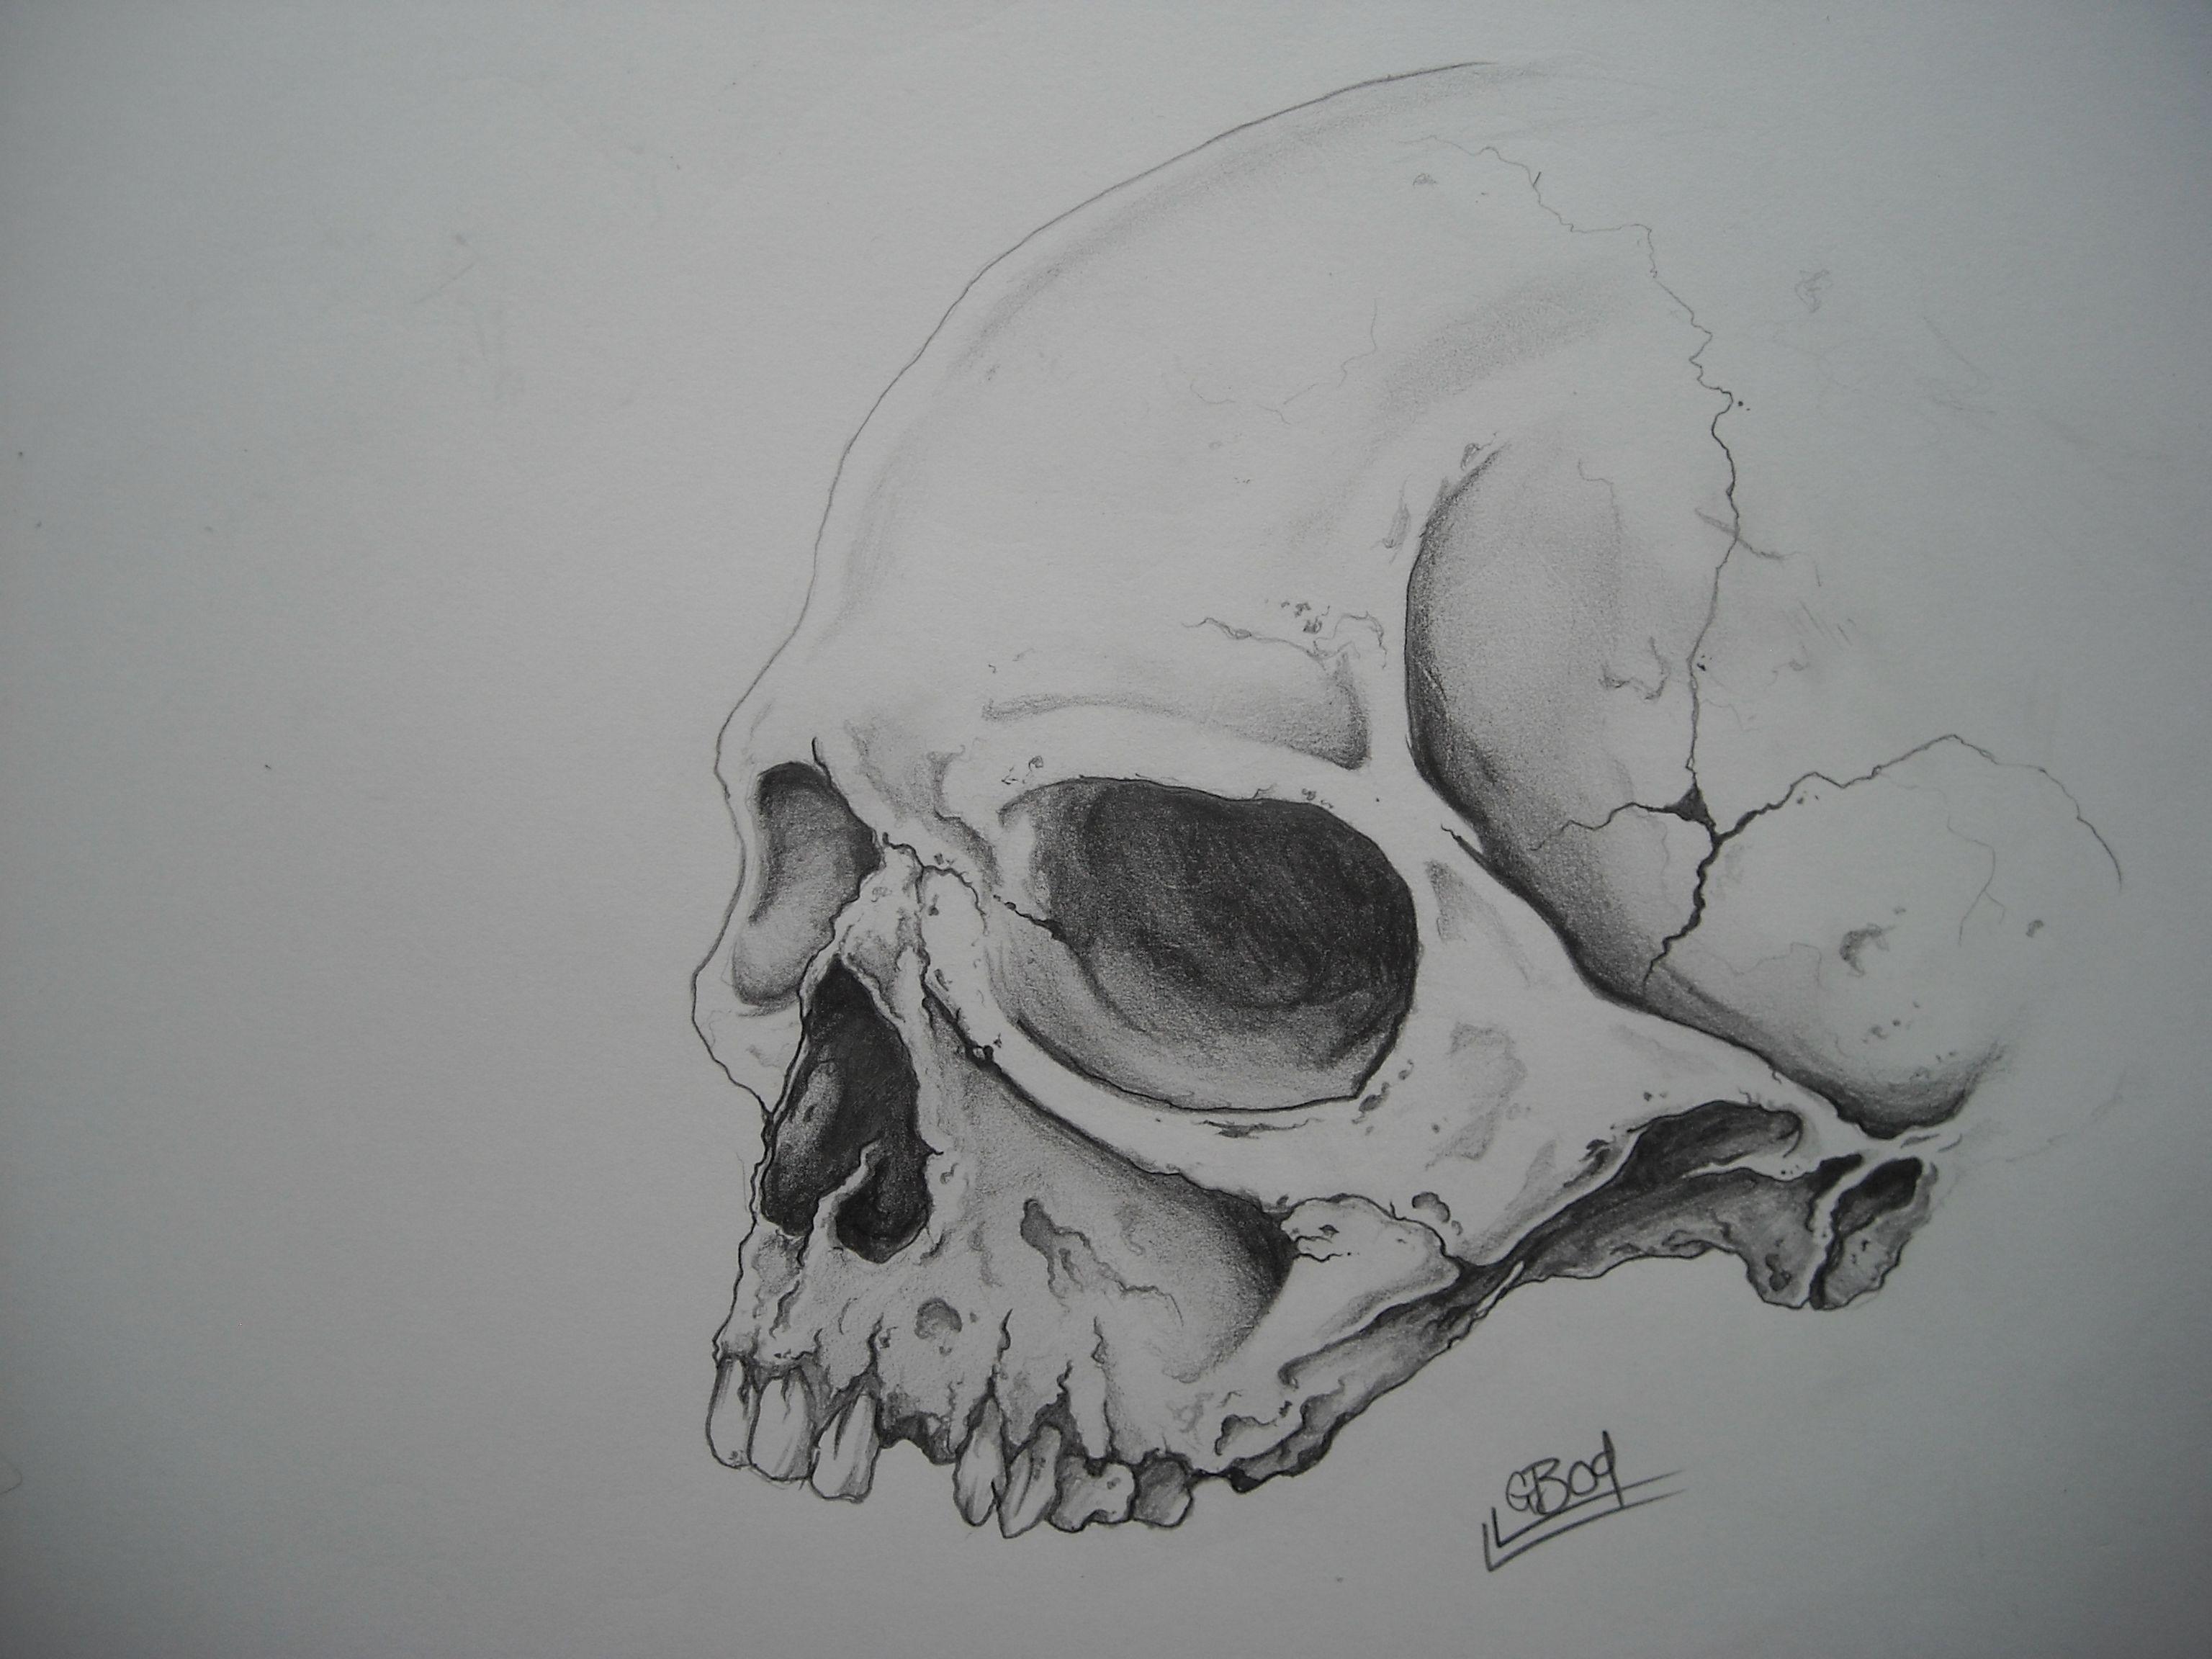 Skull Jaw Tattoo: Realistic Skull No Lower Jaw